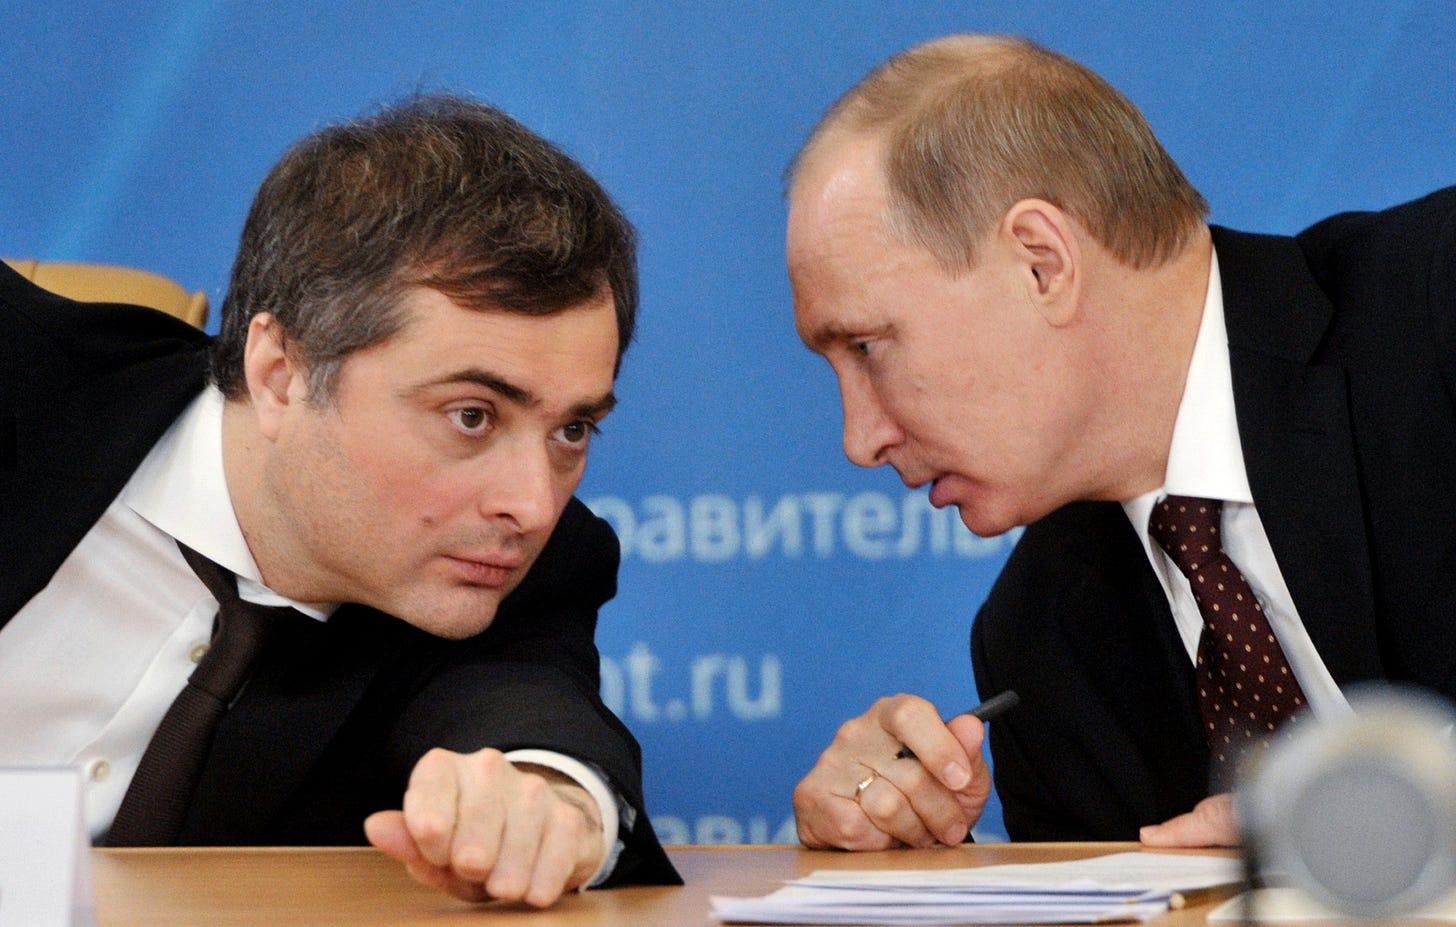 https://icds.ee/wp-content/uploads/2015/2016-02_Putin_w_Surkov.jpg